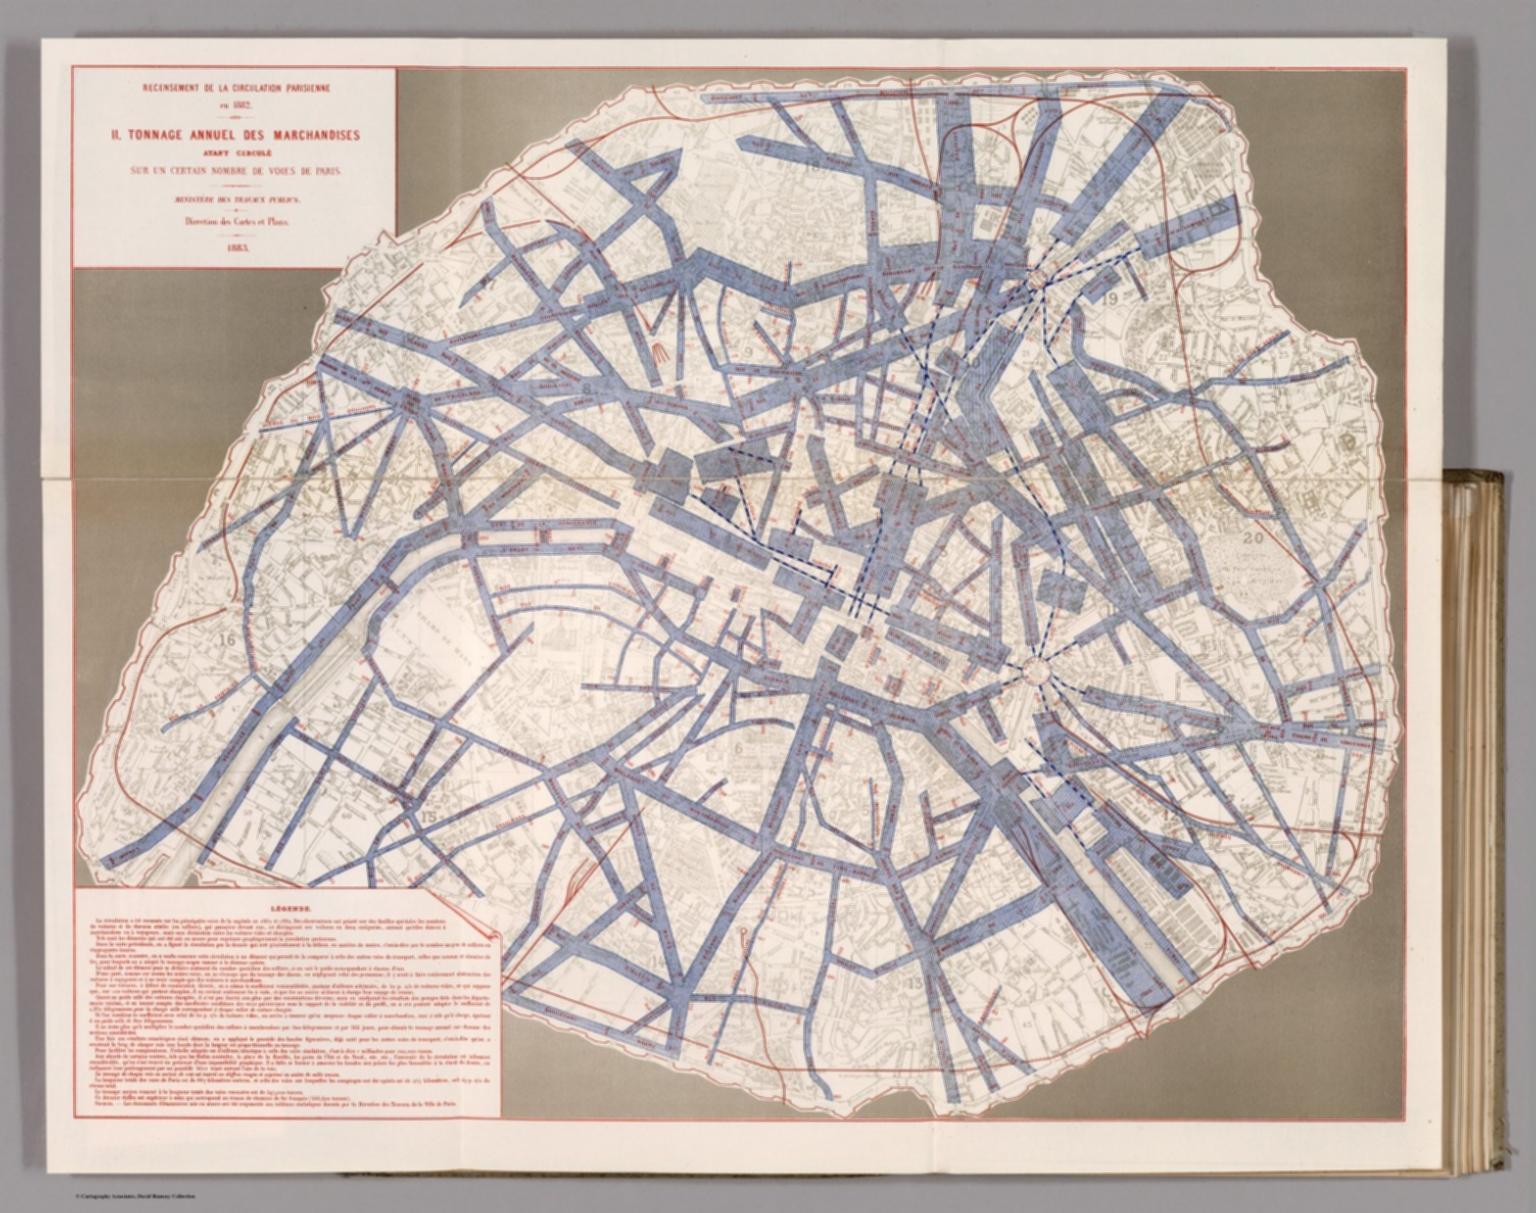 Recensement de la Circulation Parisienne en 1882. II. Tonnage Annuel des Marchandises.